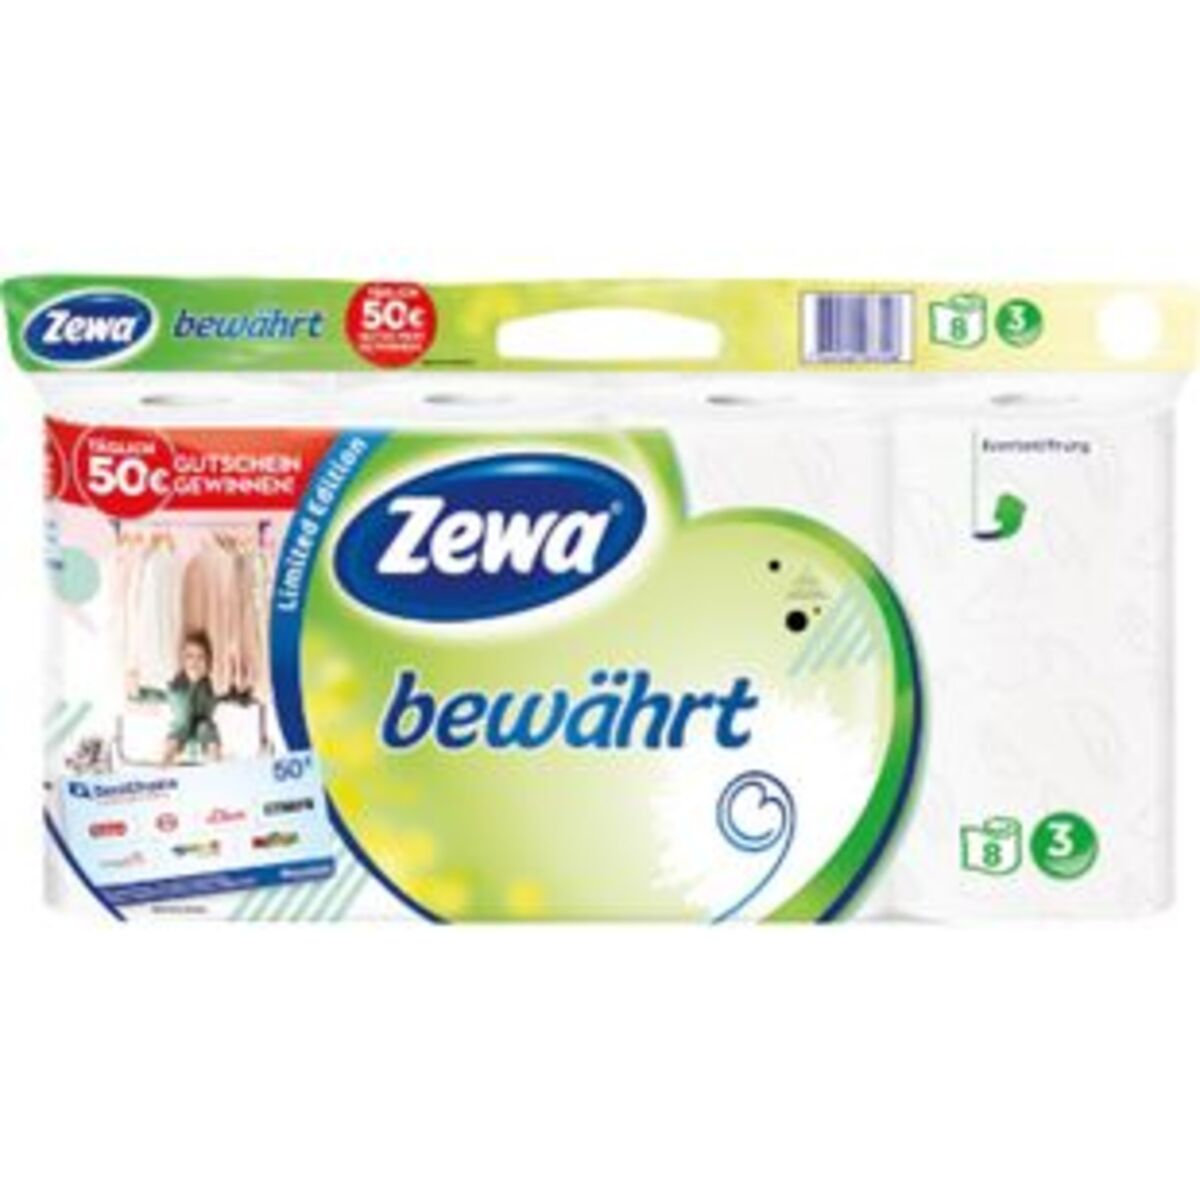 Bild 2 von Zewa bewährt Toilettenpapier, strapazierfähiges WC-Papier 3-lagig in zartem Gelb, 1 x Vorratspack mit 8 Rollen